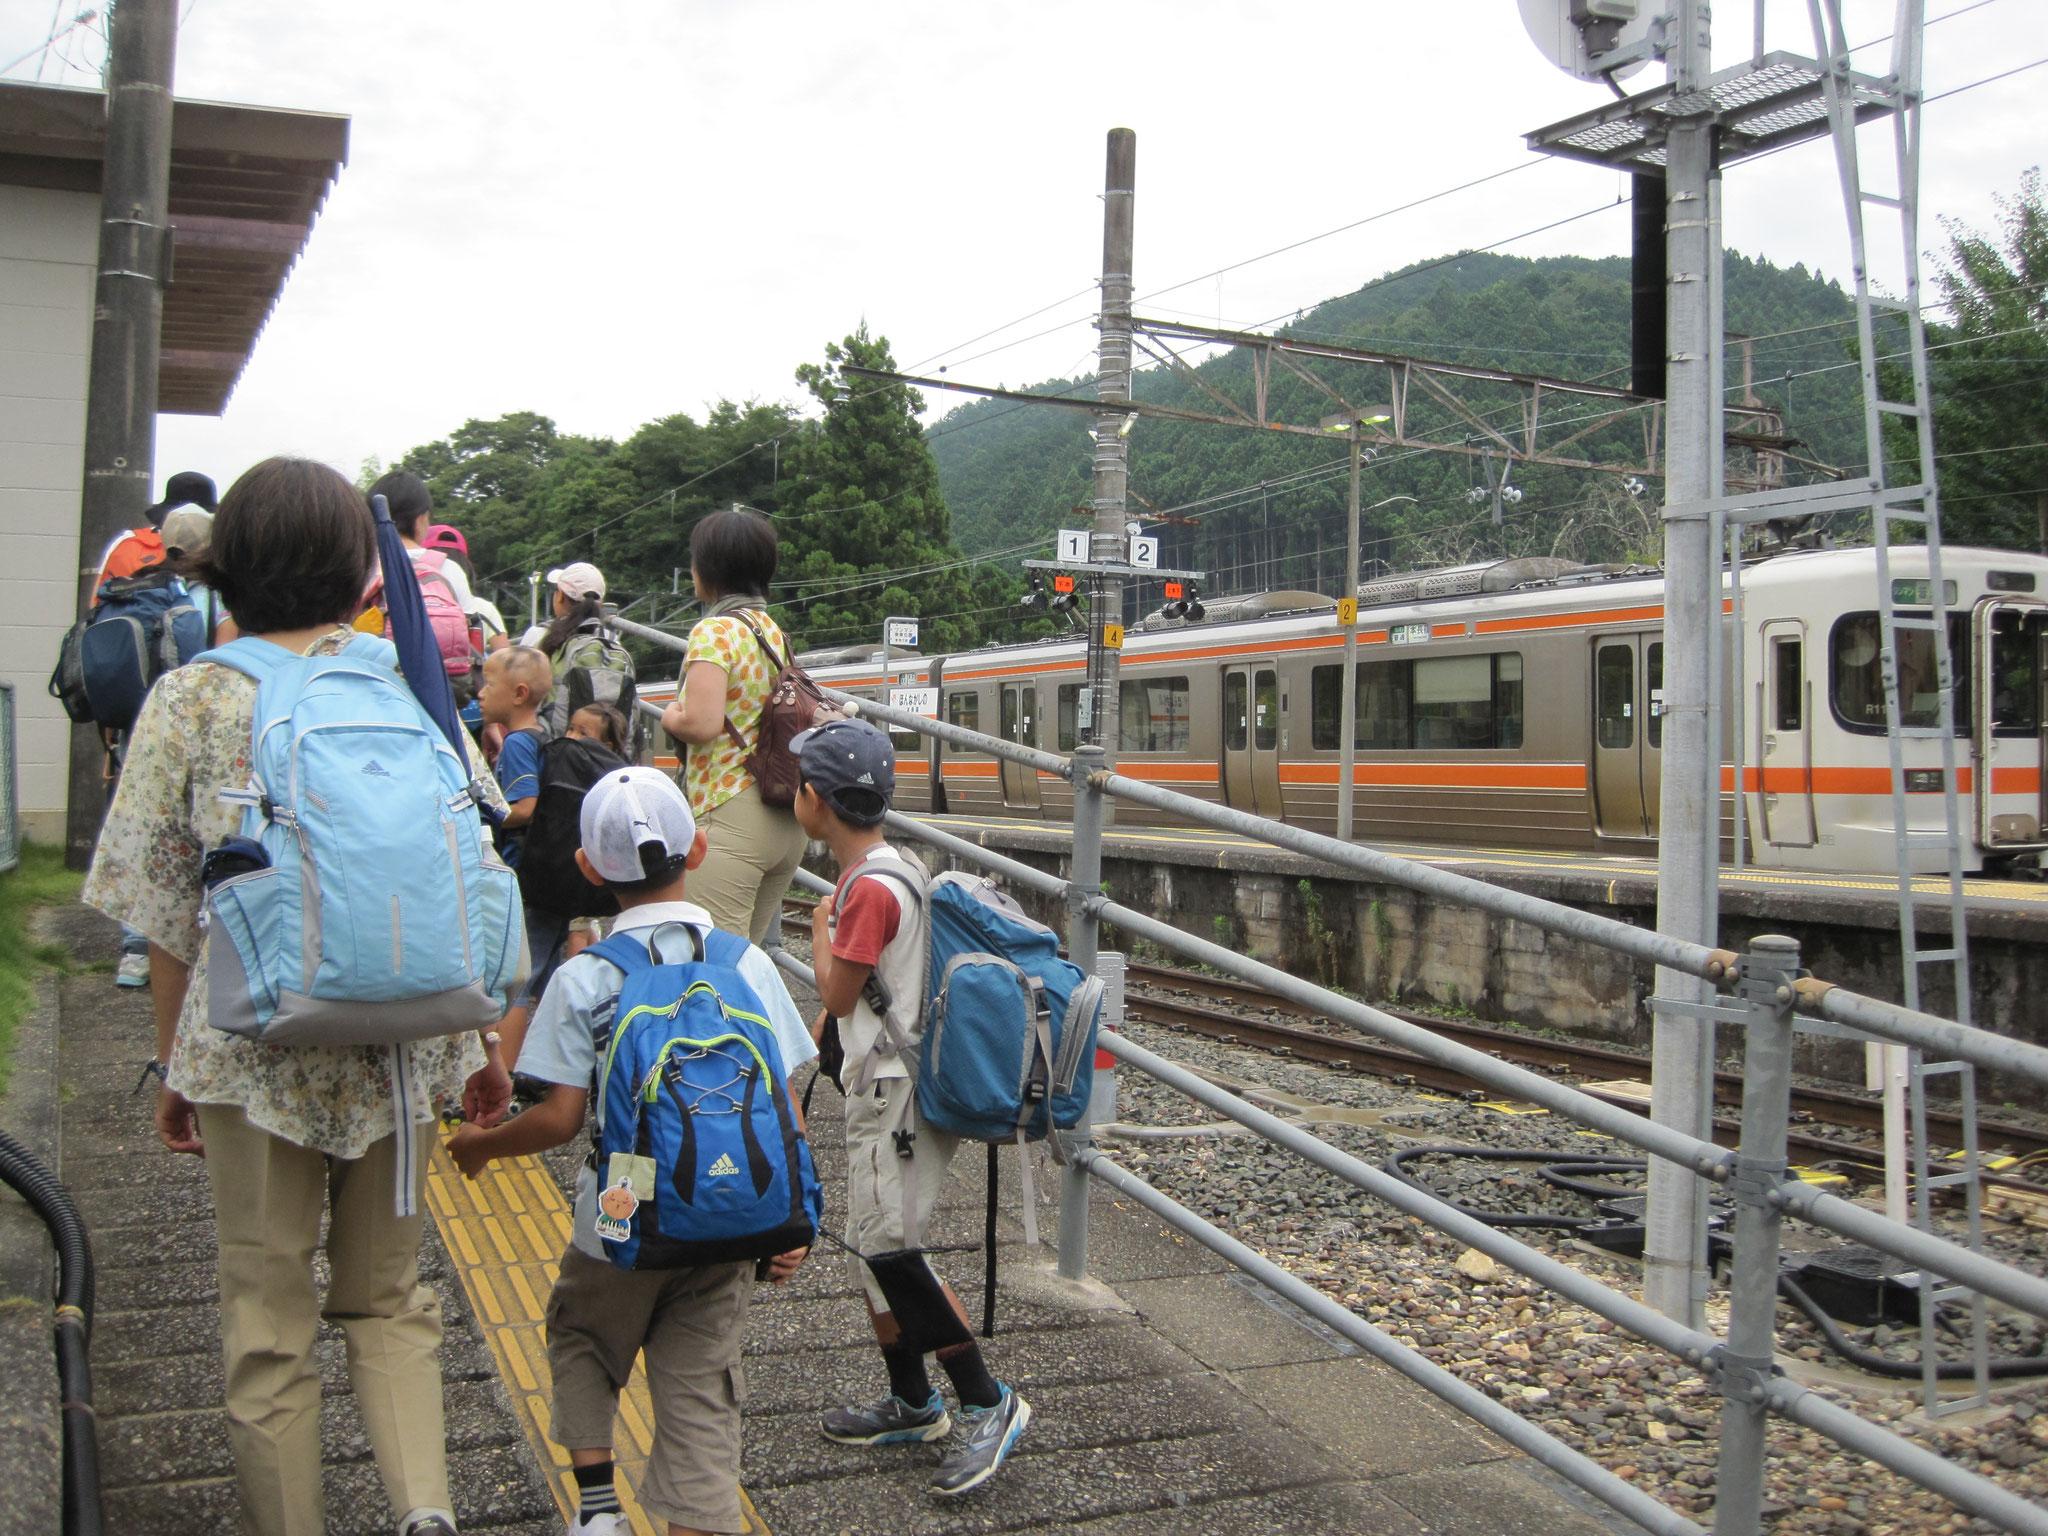 飯田線の本長篠駅で下車します。これからの二日間にわくわくどきどき。